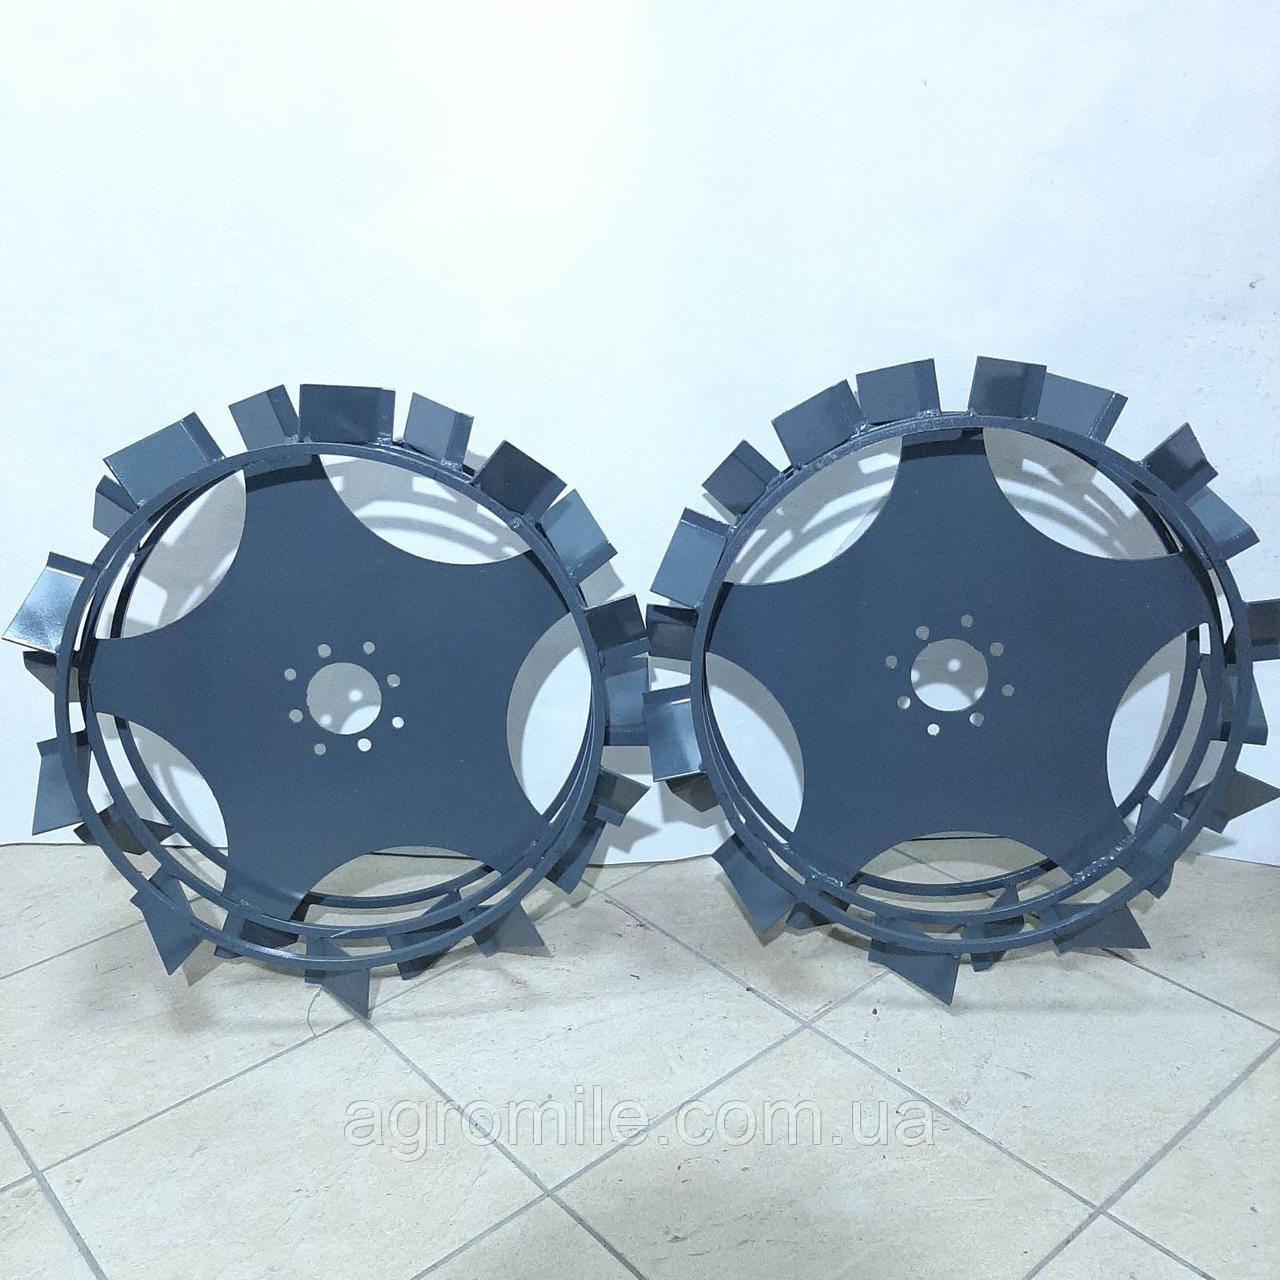 Грунтозацепи підвищеної тяги Weima 600х150 мм універсальні